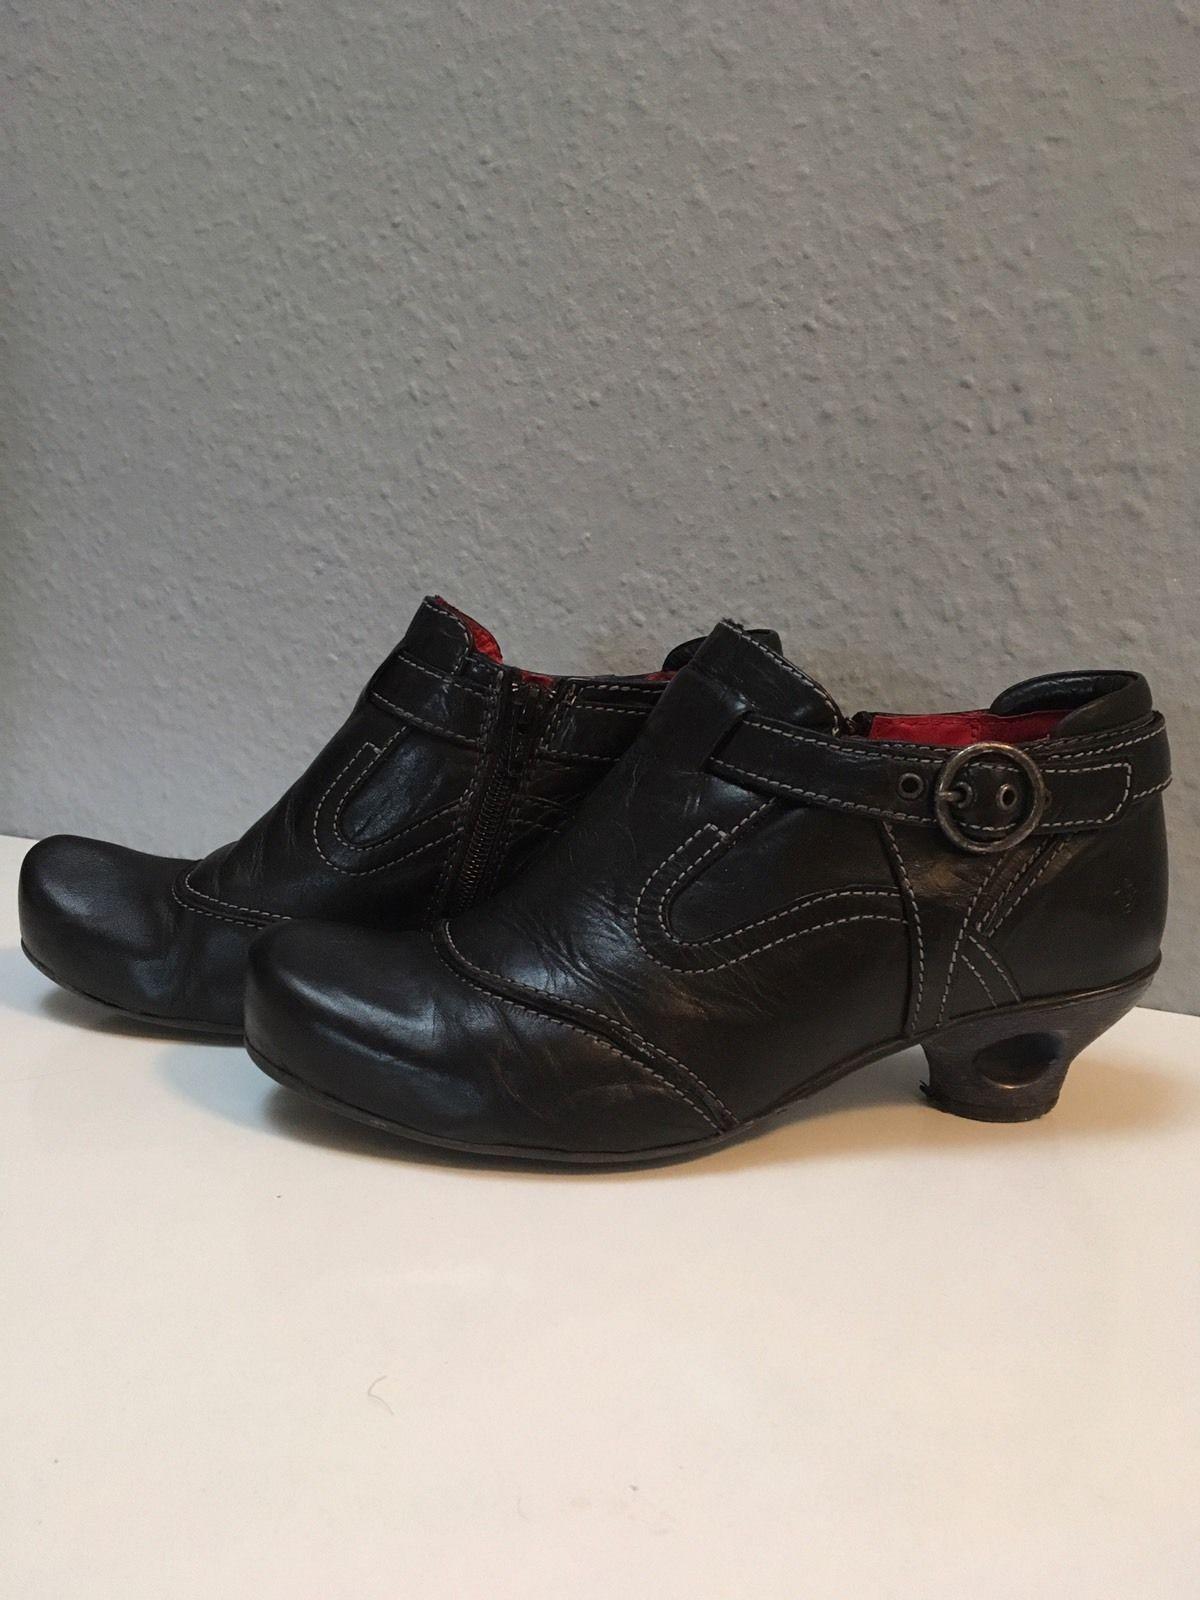 Schuhe kaufen ebay